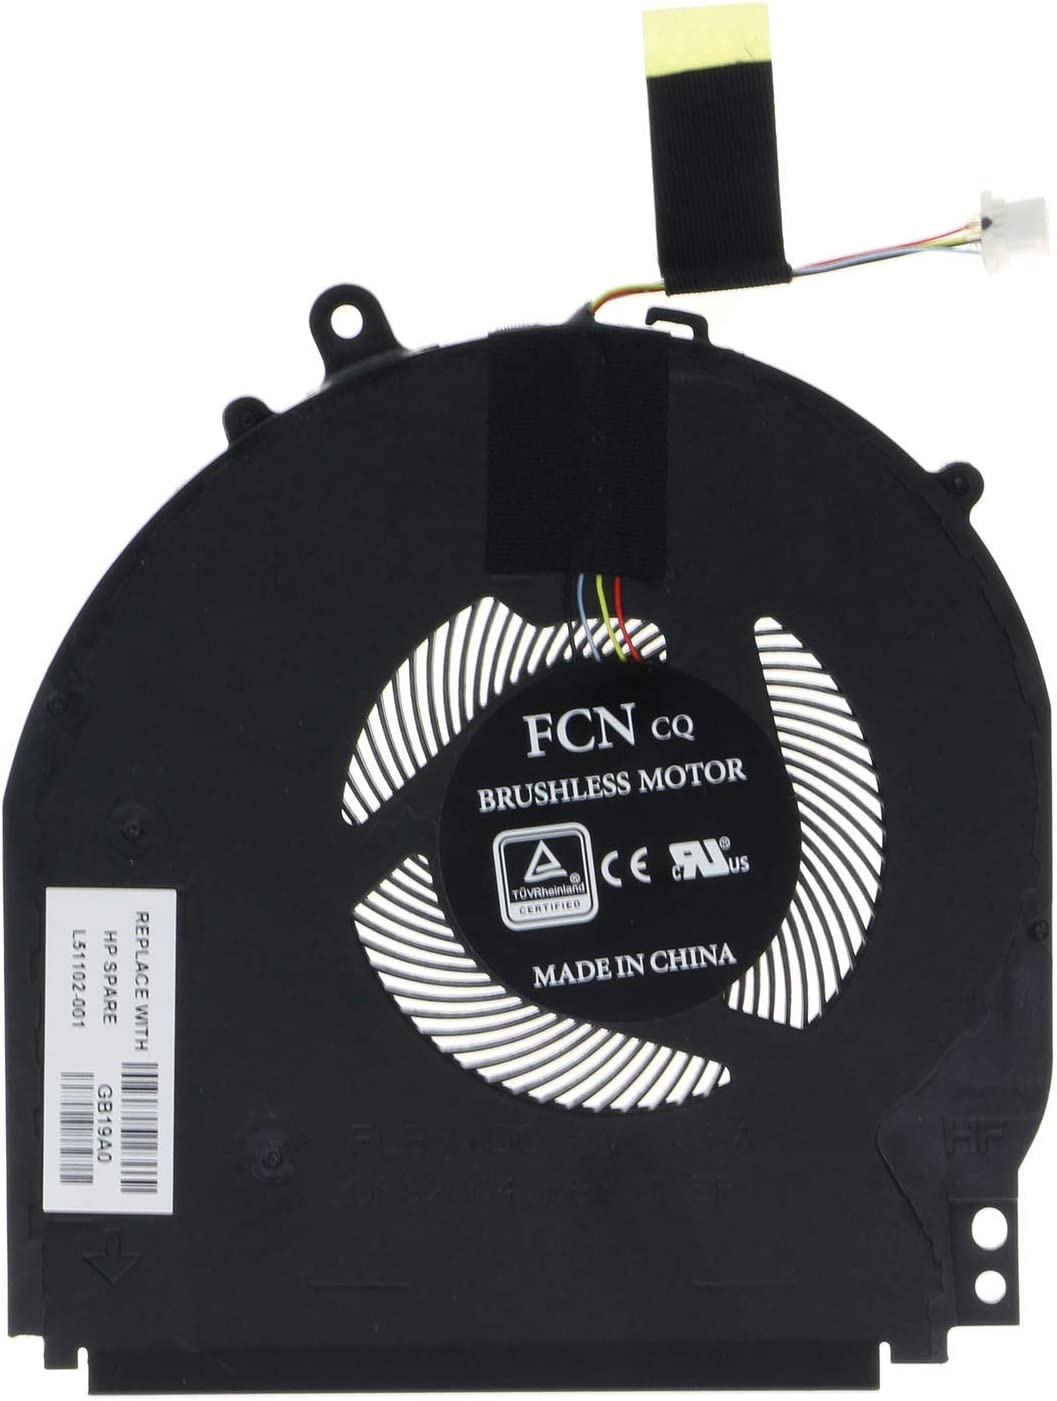 CPU Cooling Fan for HP Pavilion X360 14-DH 14-DH1036TX 14M-DH 14M-DH0003DX L51102-001 L51100-001